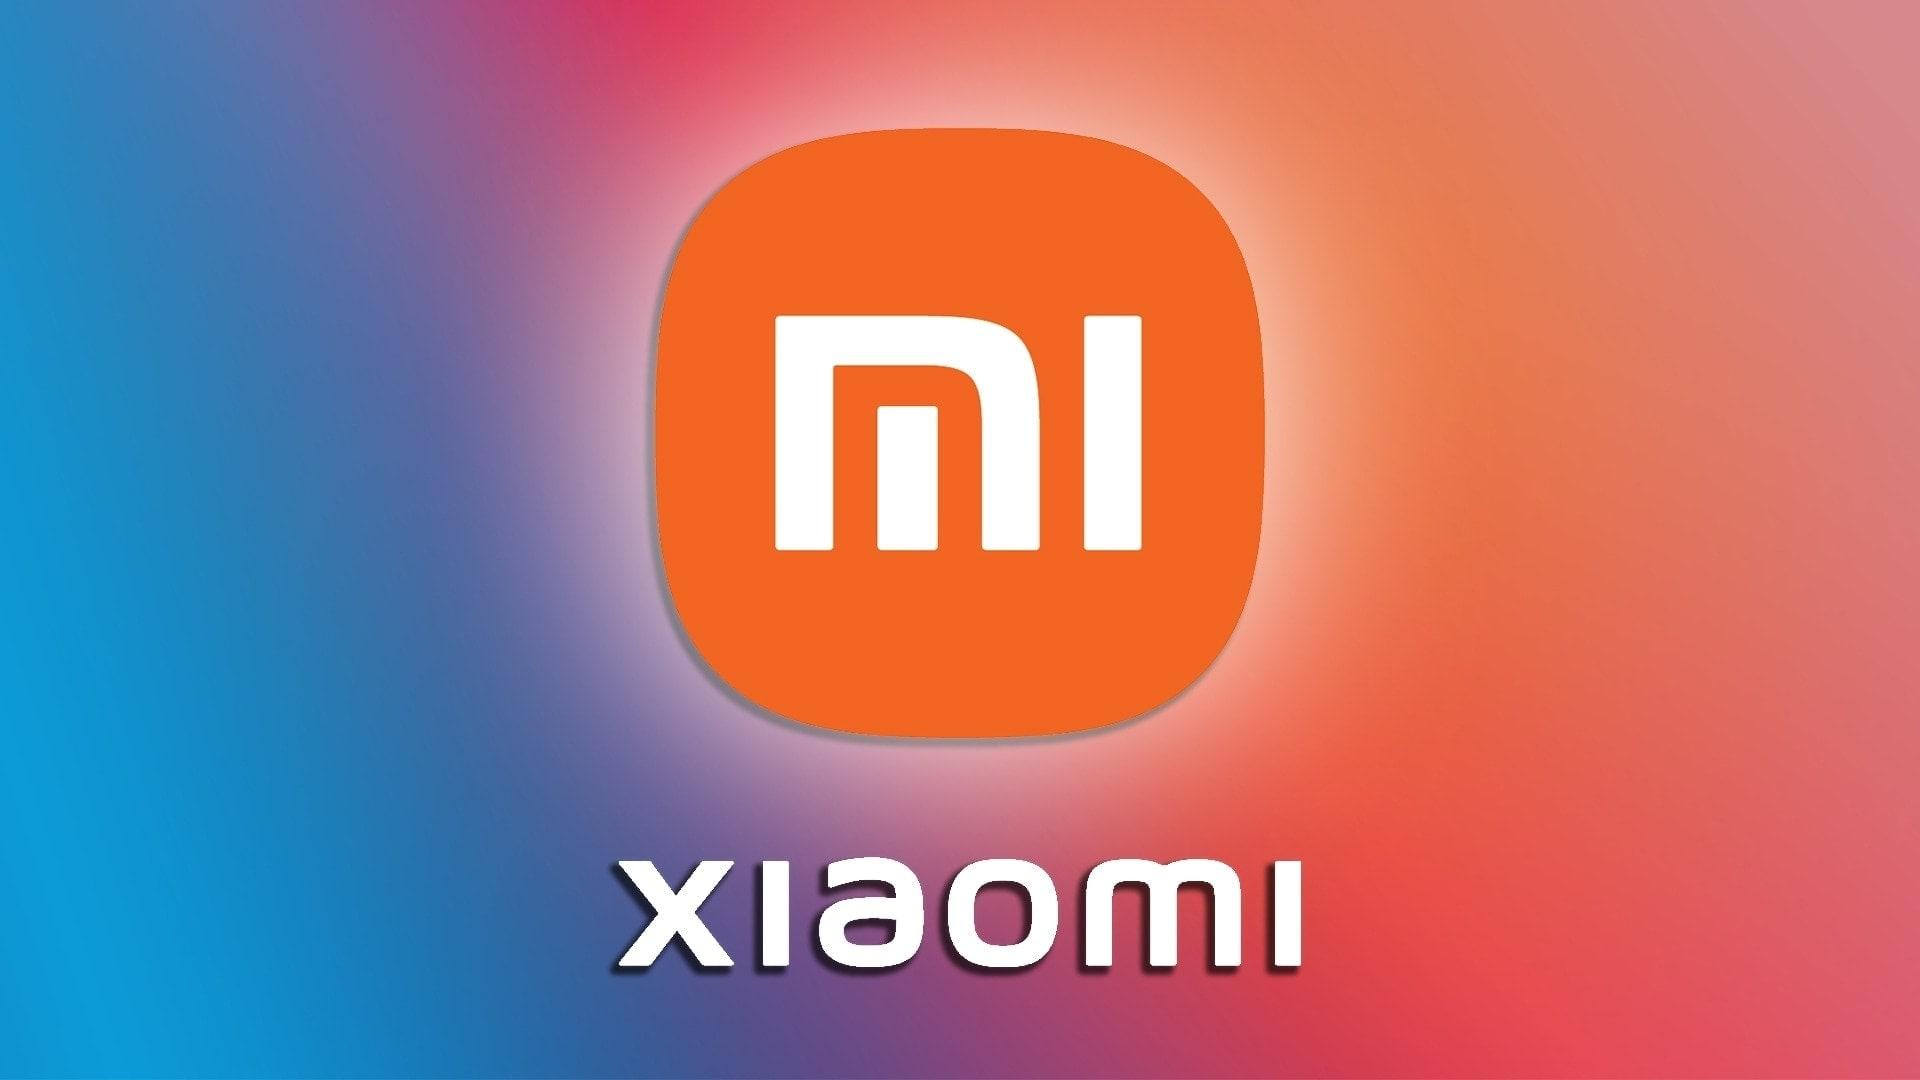 Xiaomi è in gran forma: si prende la corona nel mercato smartphone 5G